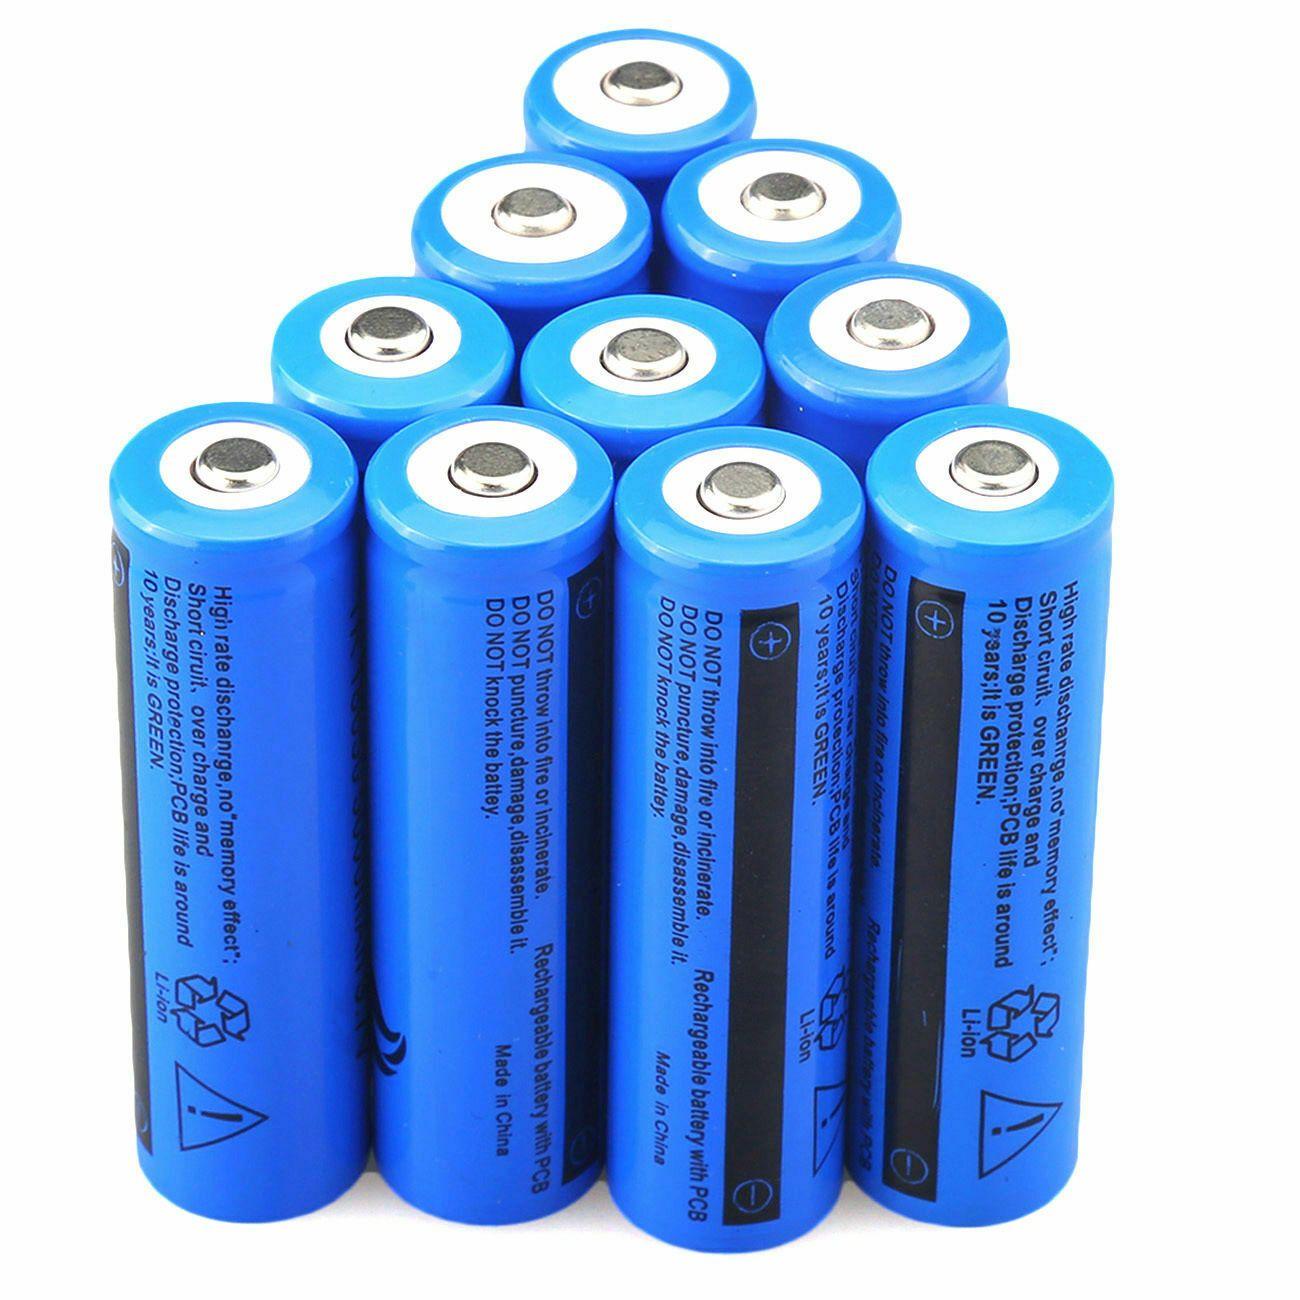 도매 손전등 토치 레이저에 대한 높은 품질 충전식 18650 배터리 3000mAh 3.7 BRC 리튬 이온 18650 배터리 3000mah